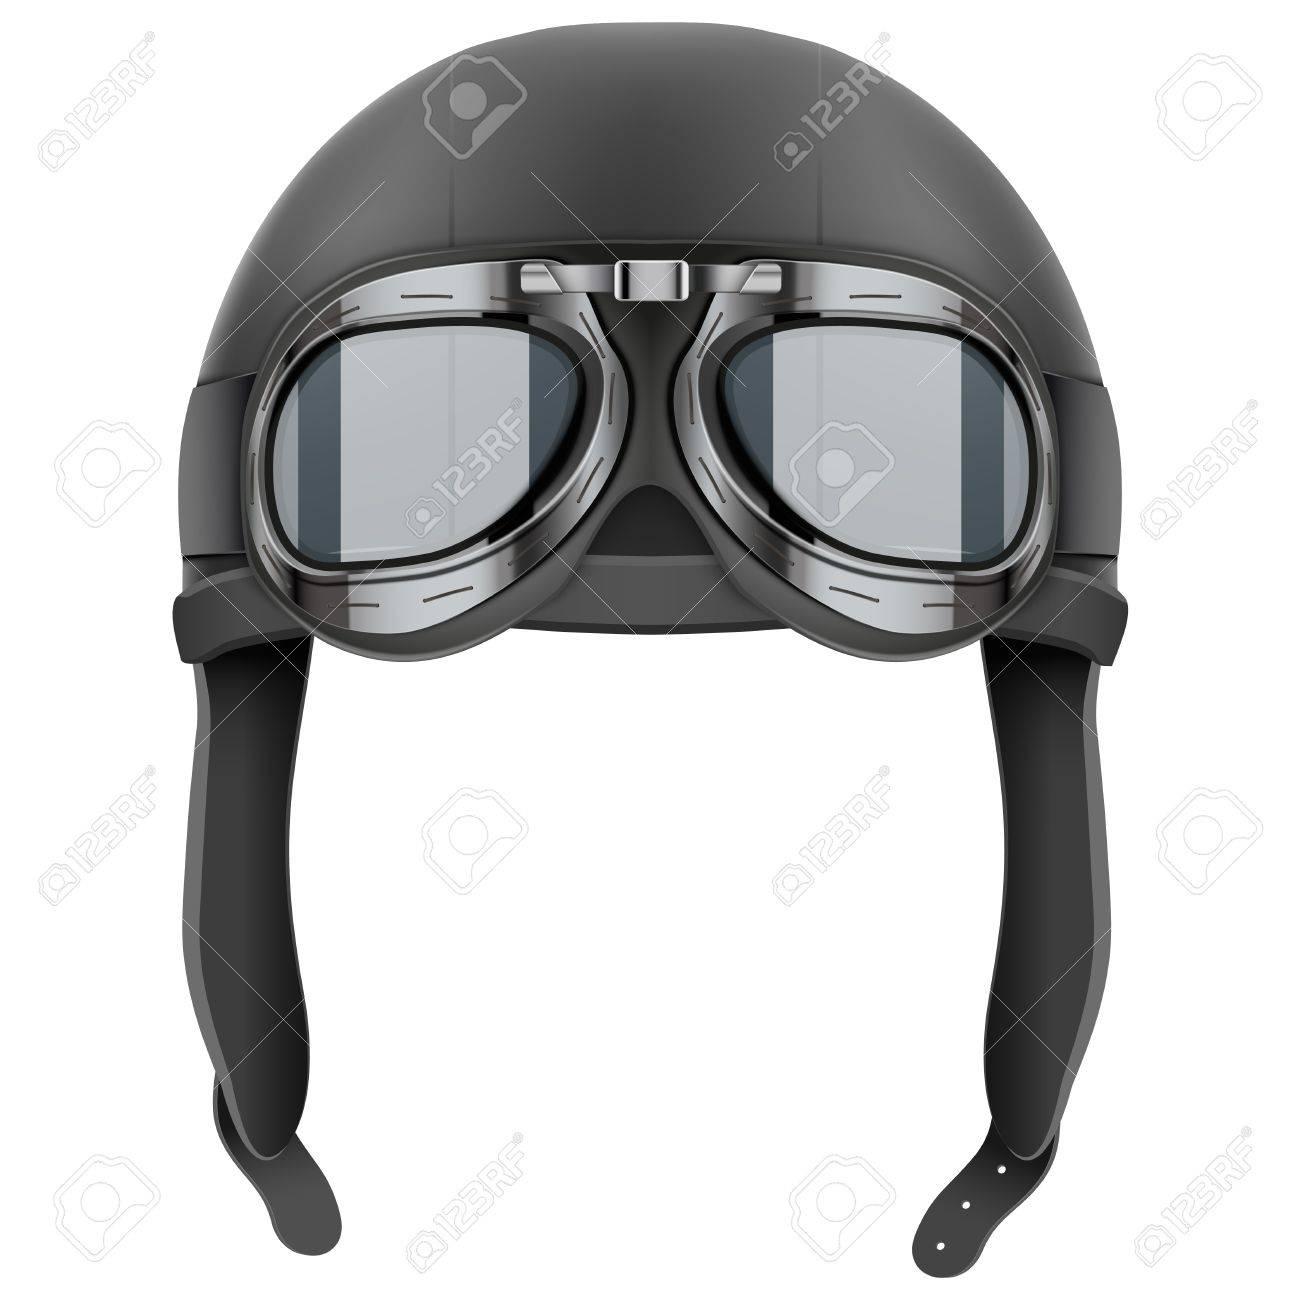 Banque d images - Rétro casque en cuir aviateur pilote avec des lunettes.  Objet Vintage. Illustration isolé sur blanc 53db510cffb0